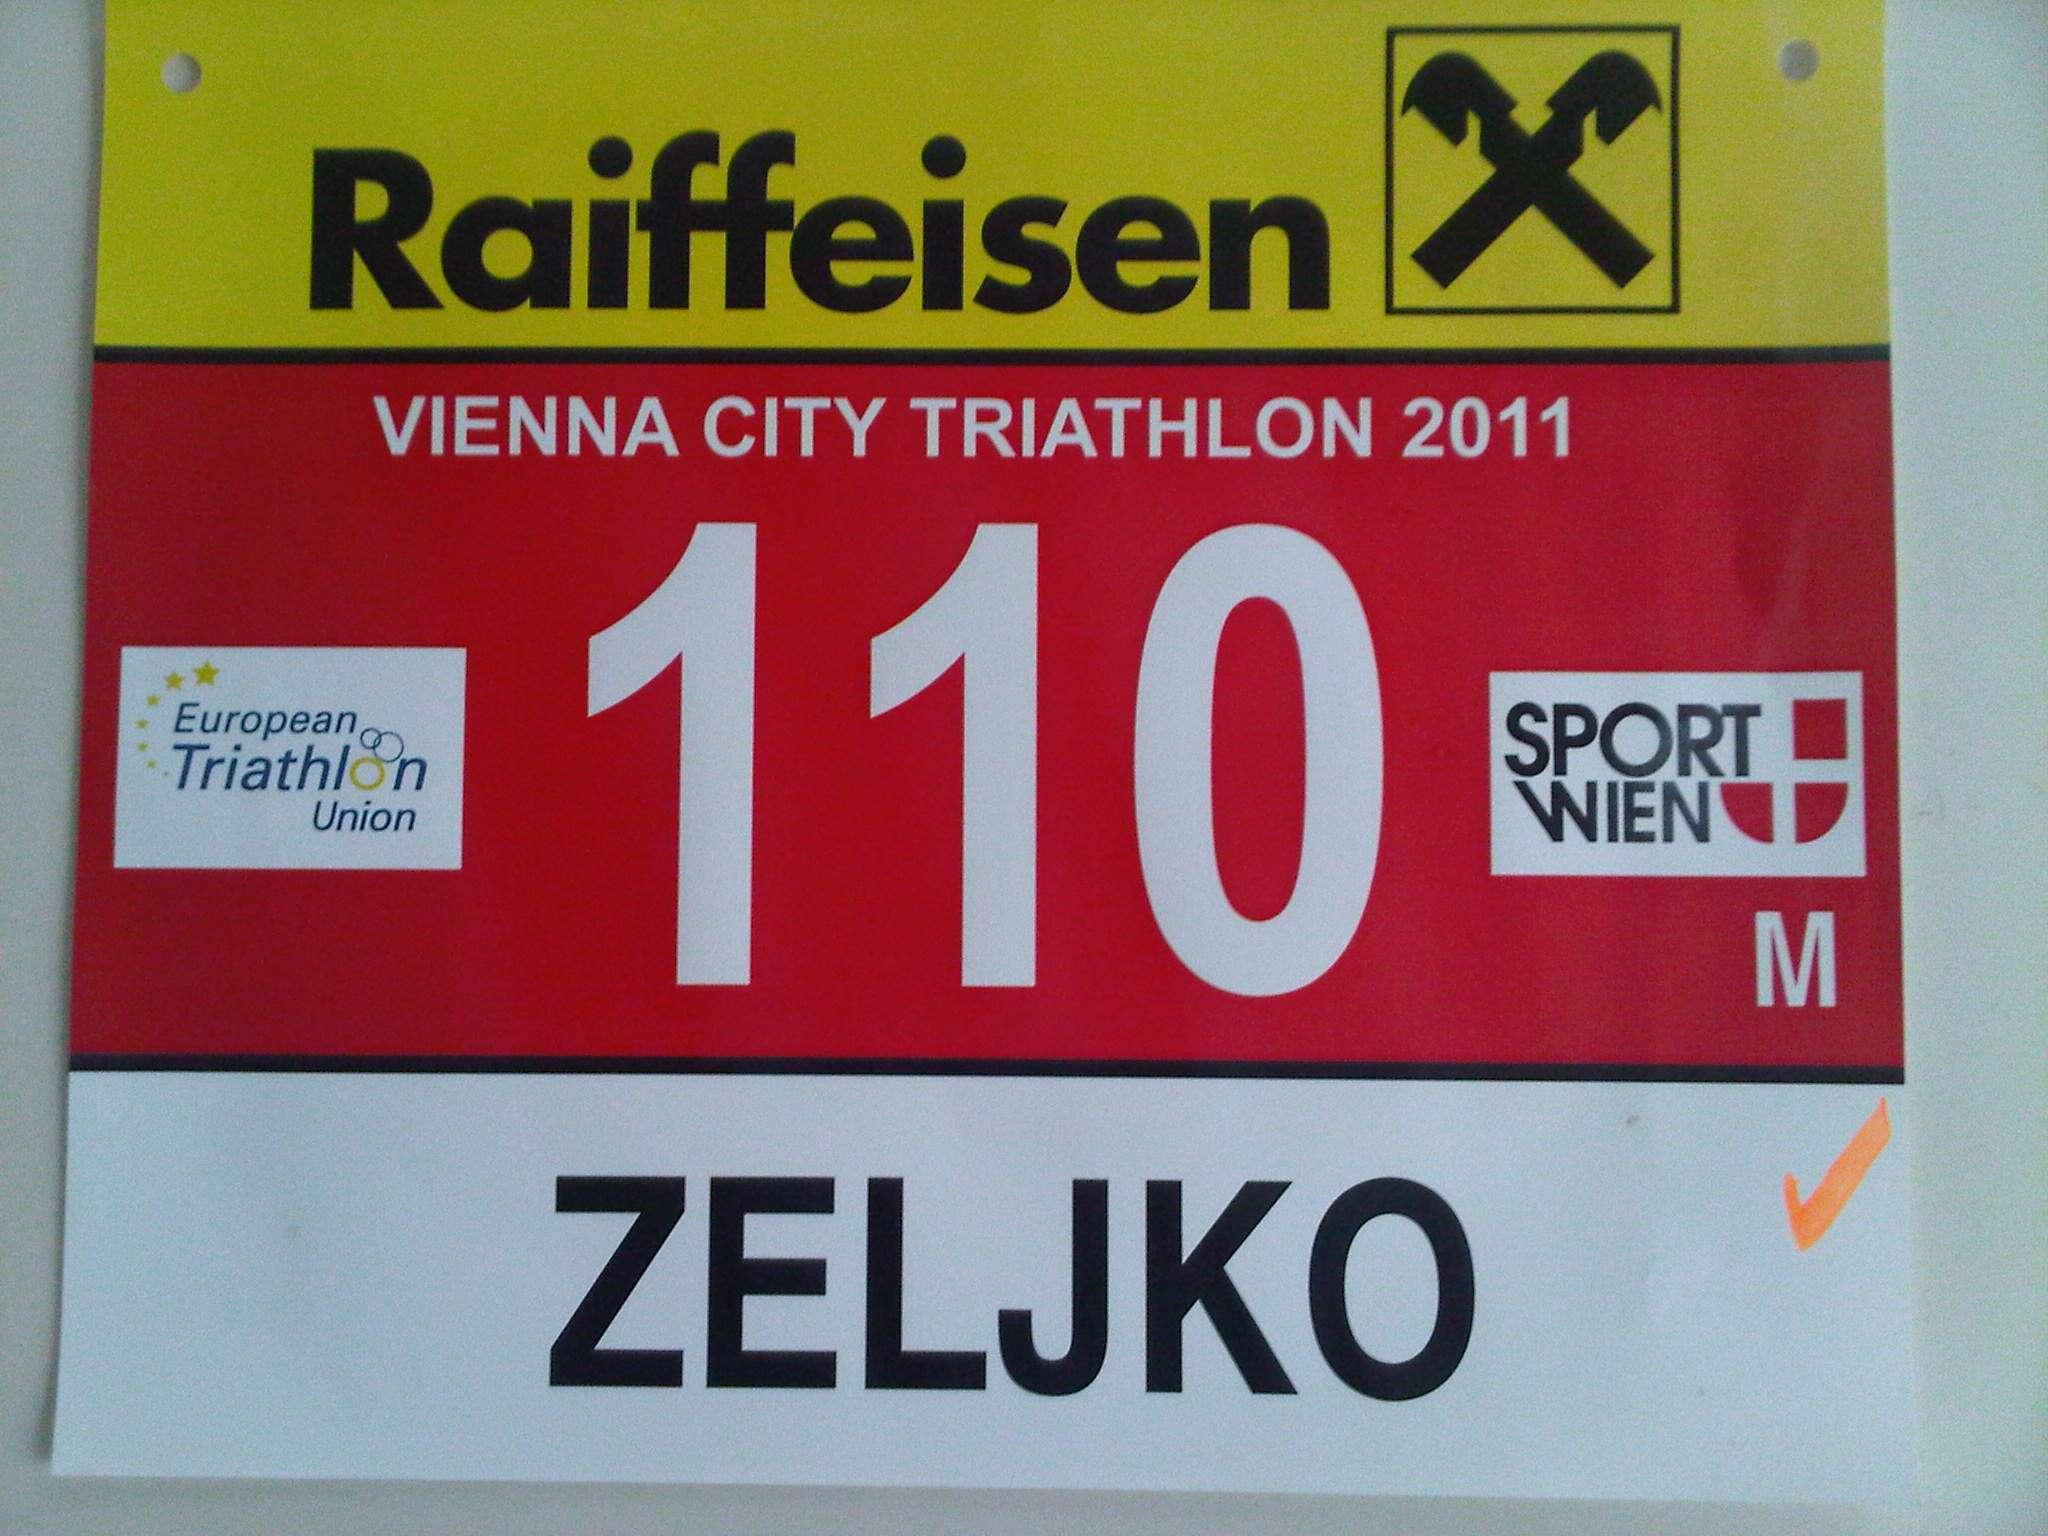 VCT2011 Zeljko 110